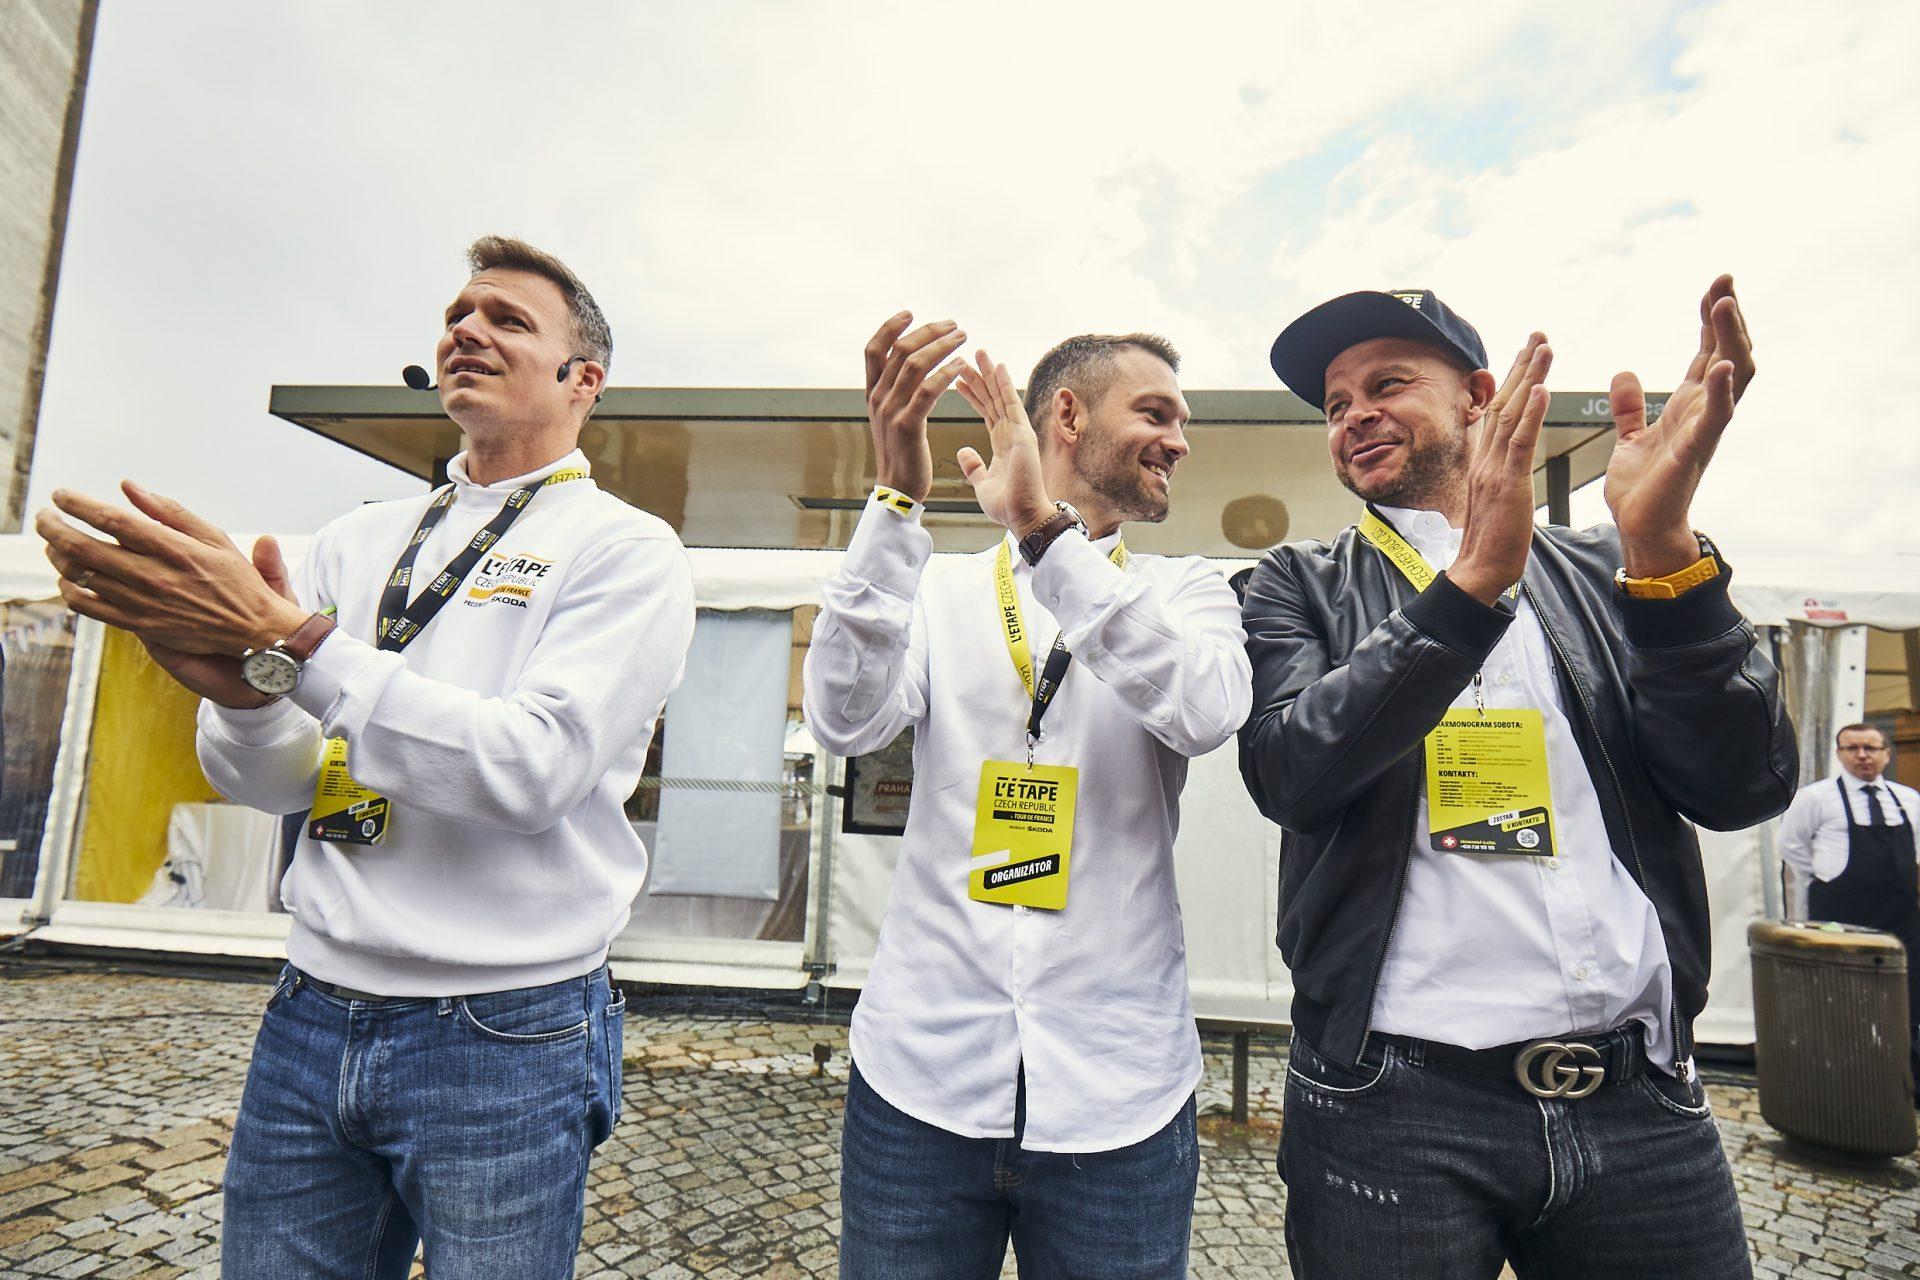 Přemek Novák, Tomáš Pravenec a David Trávníček (zleva). Tři muži stojící za L Etape v Česku.